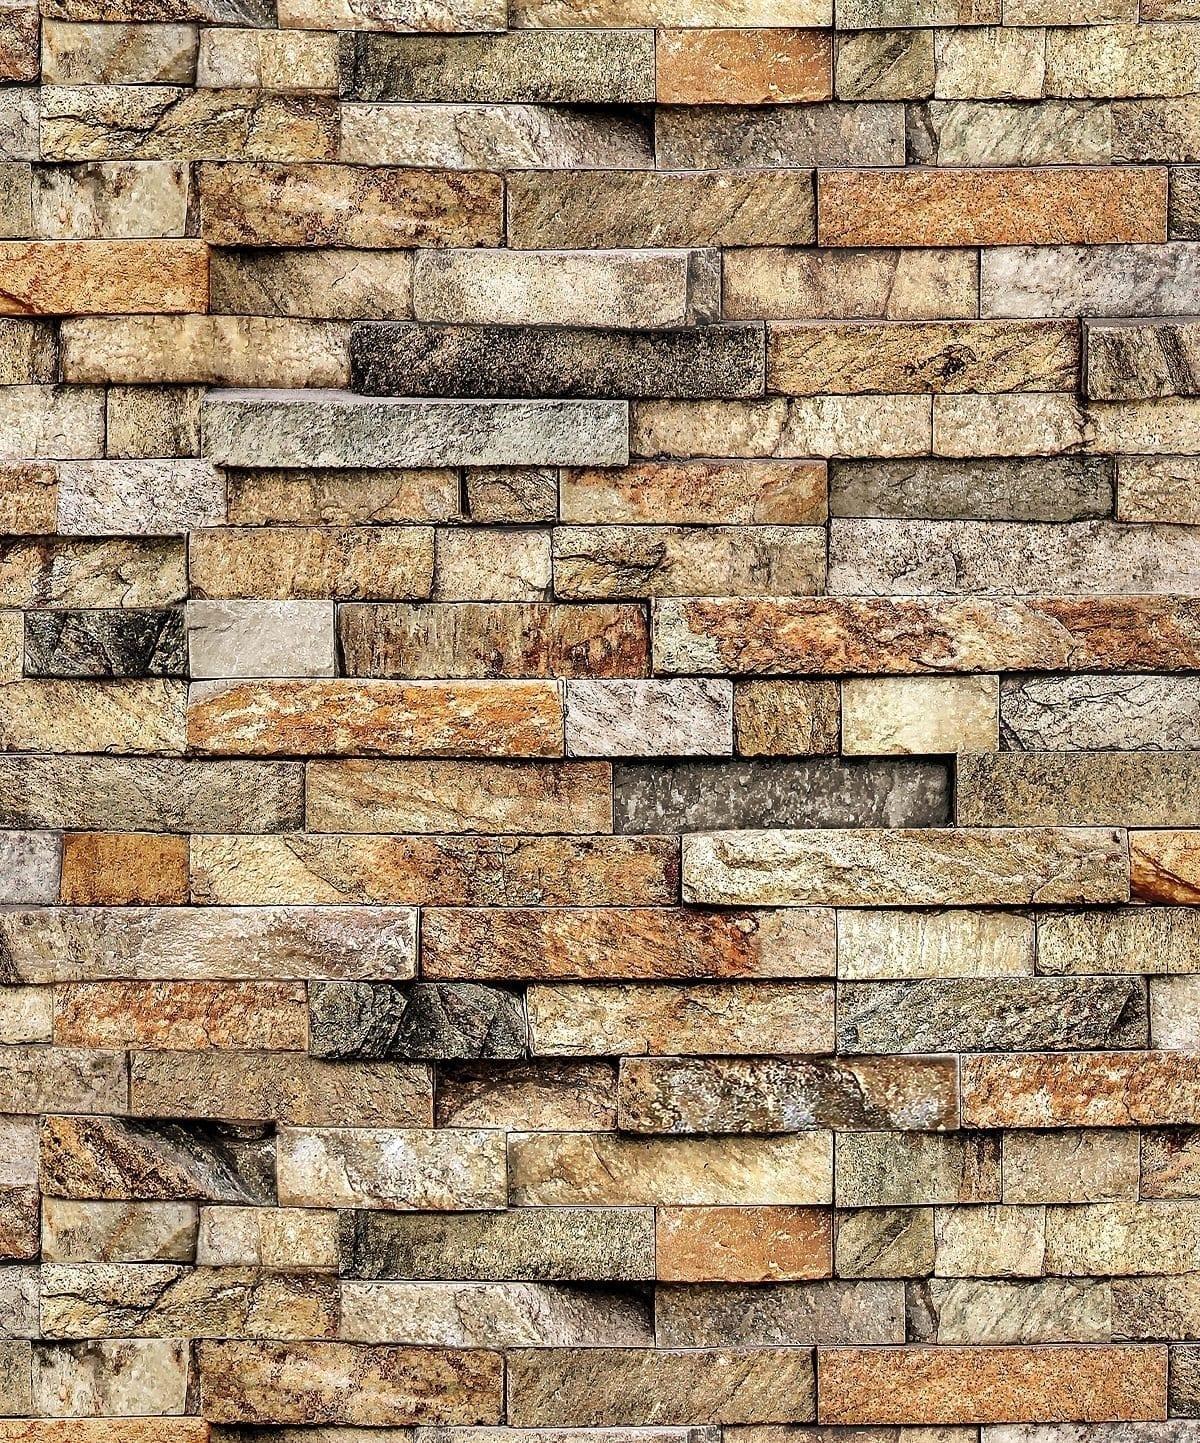 Papel mural piedra 8321-1 - Muresco